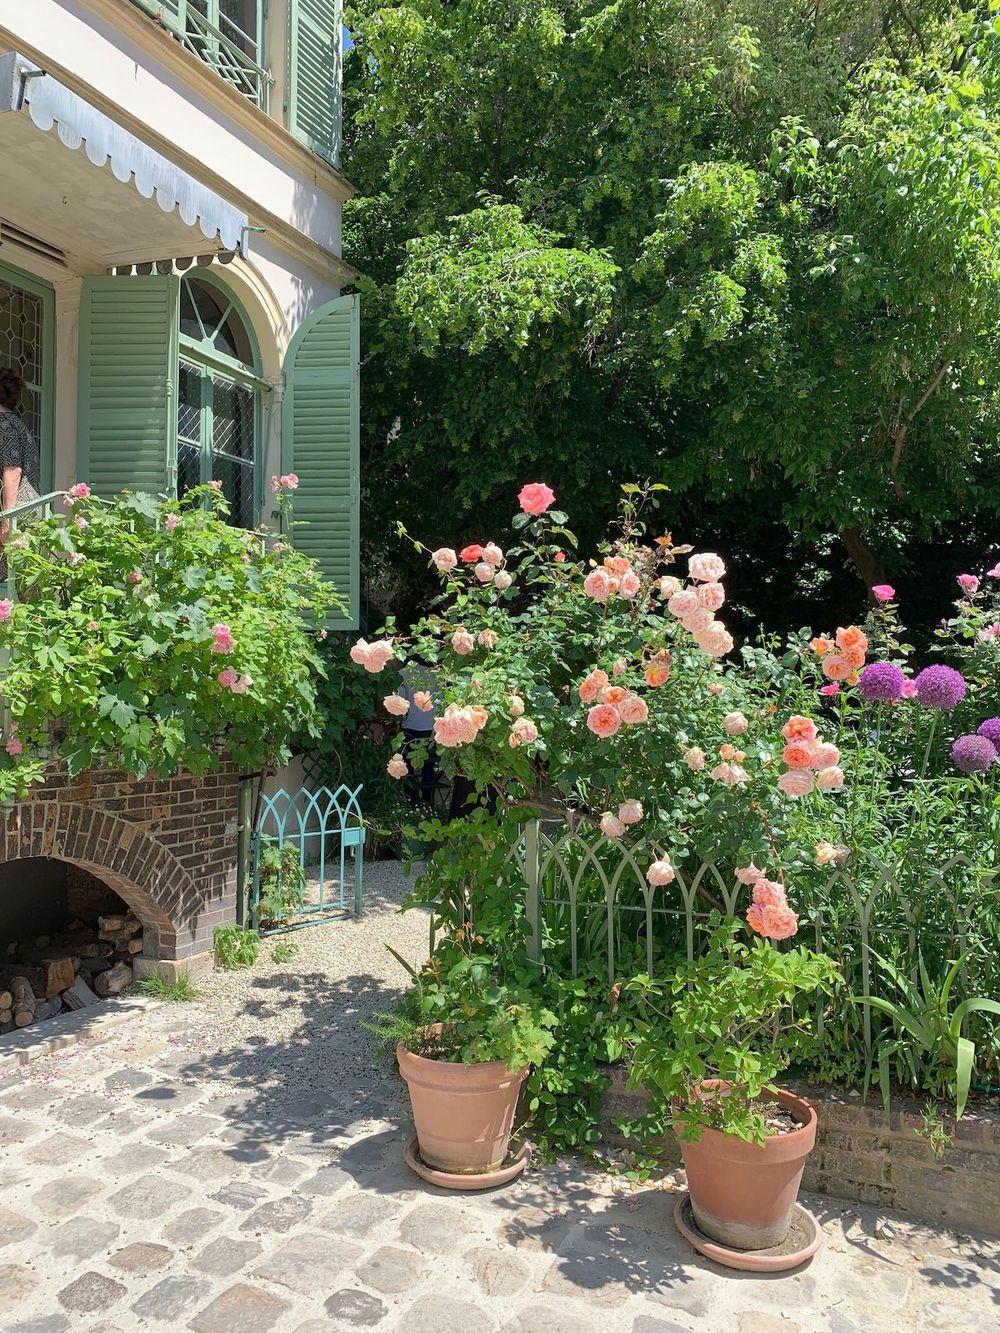 Rose Bakery in the hidden garden courtyard of the Musée de la Vie Romantique